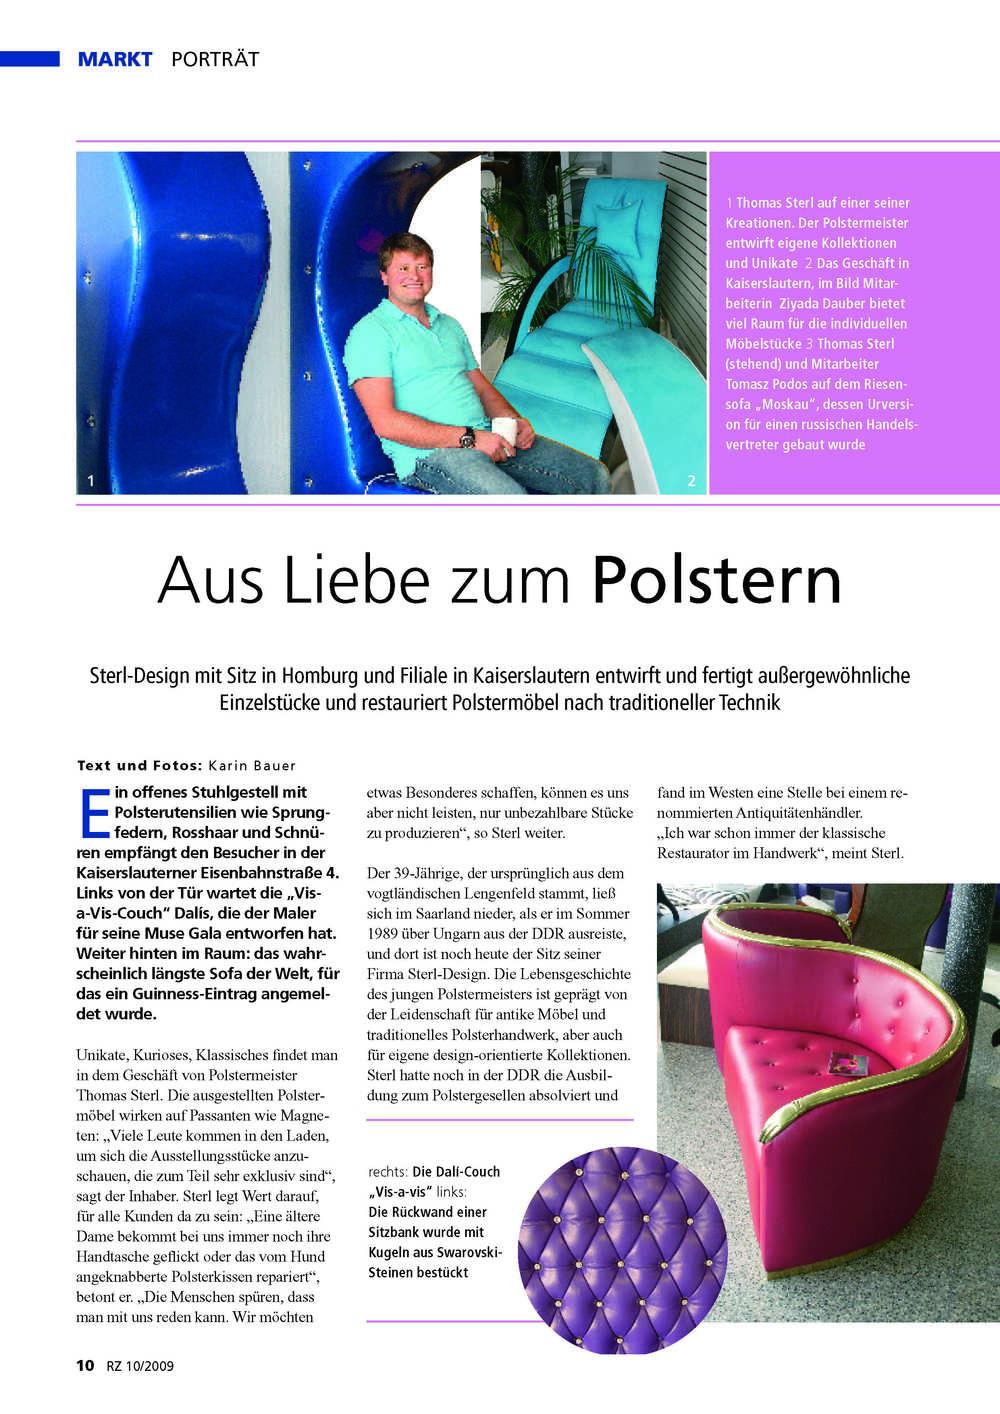 RZ Zeitung 09-2009  Sterl Design_Seite_1.jpg